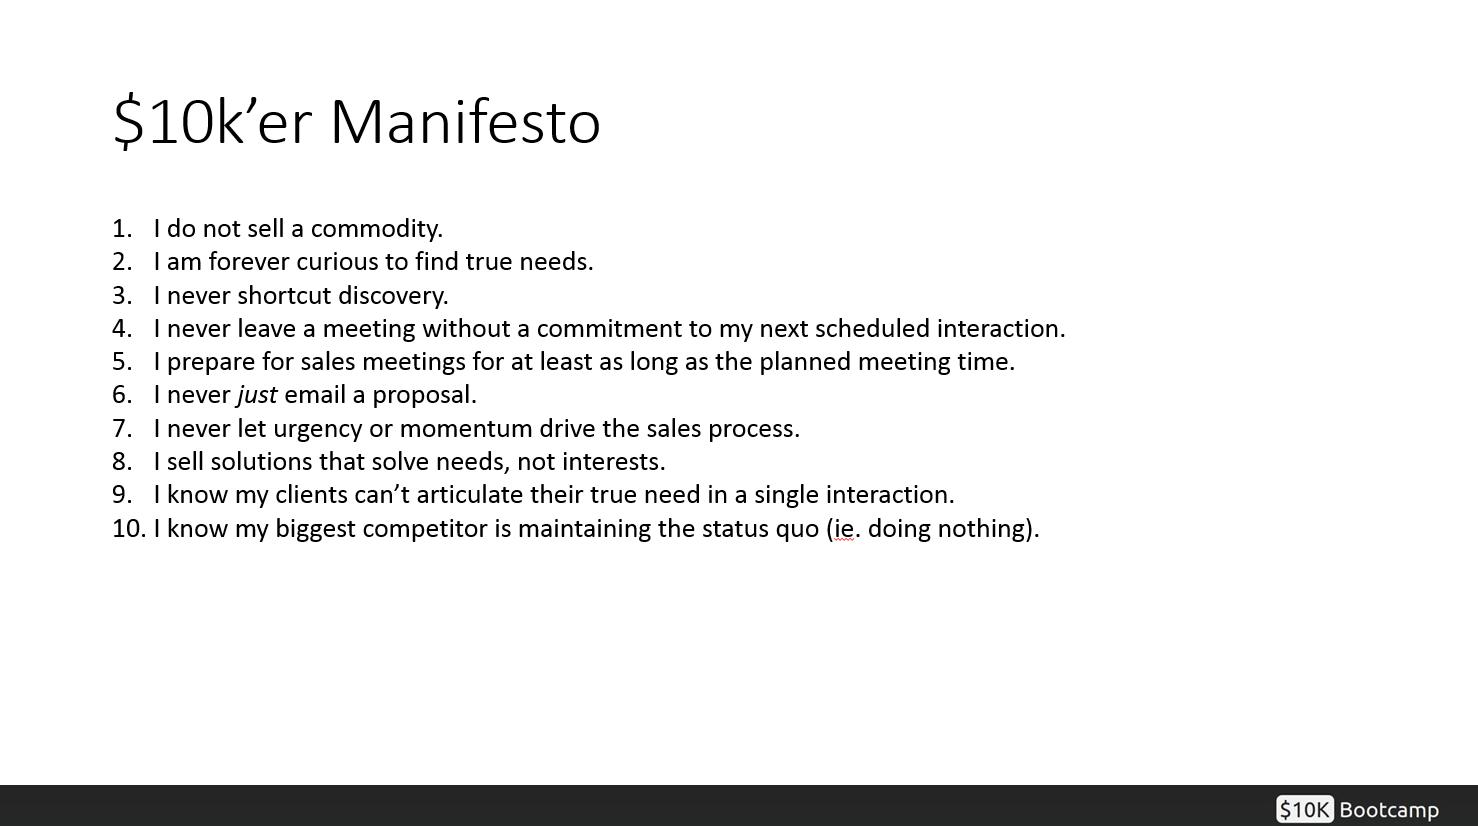 $10K Manifesto